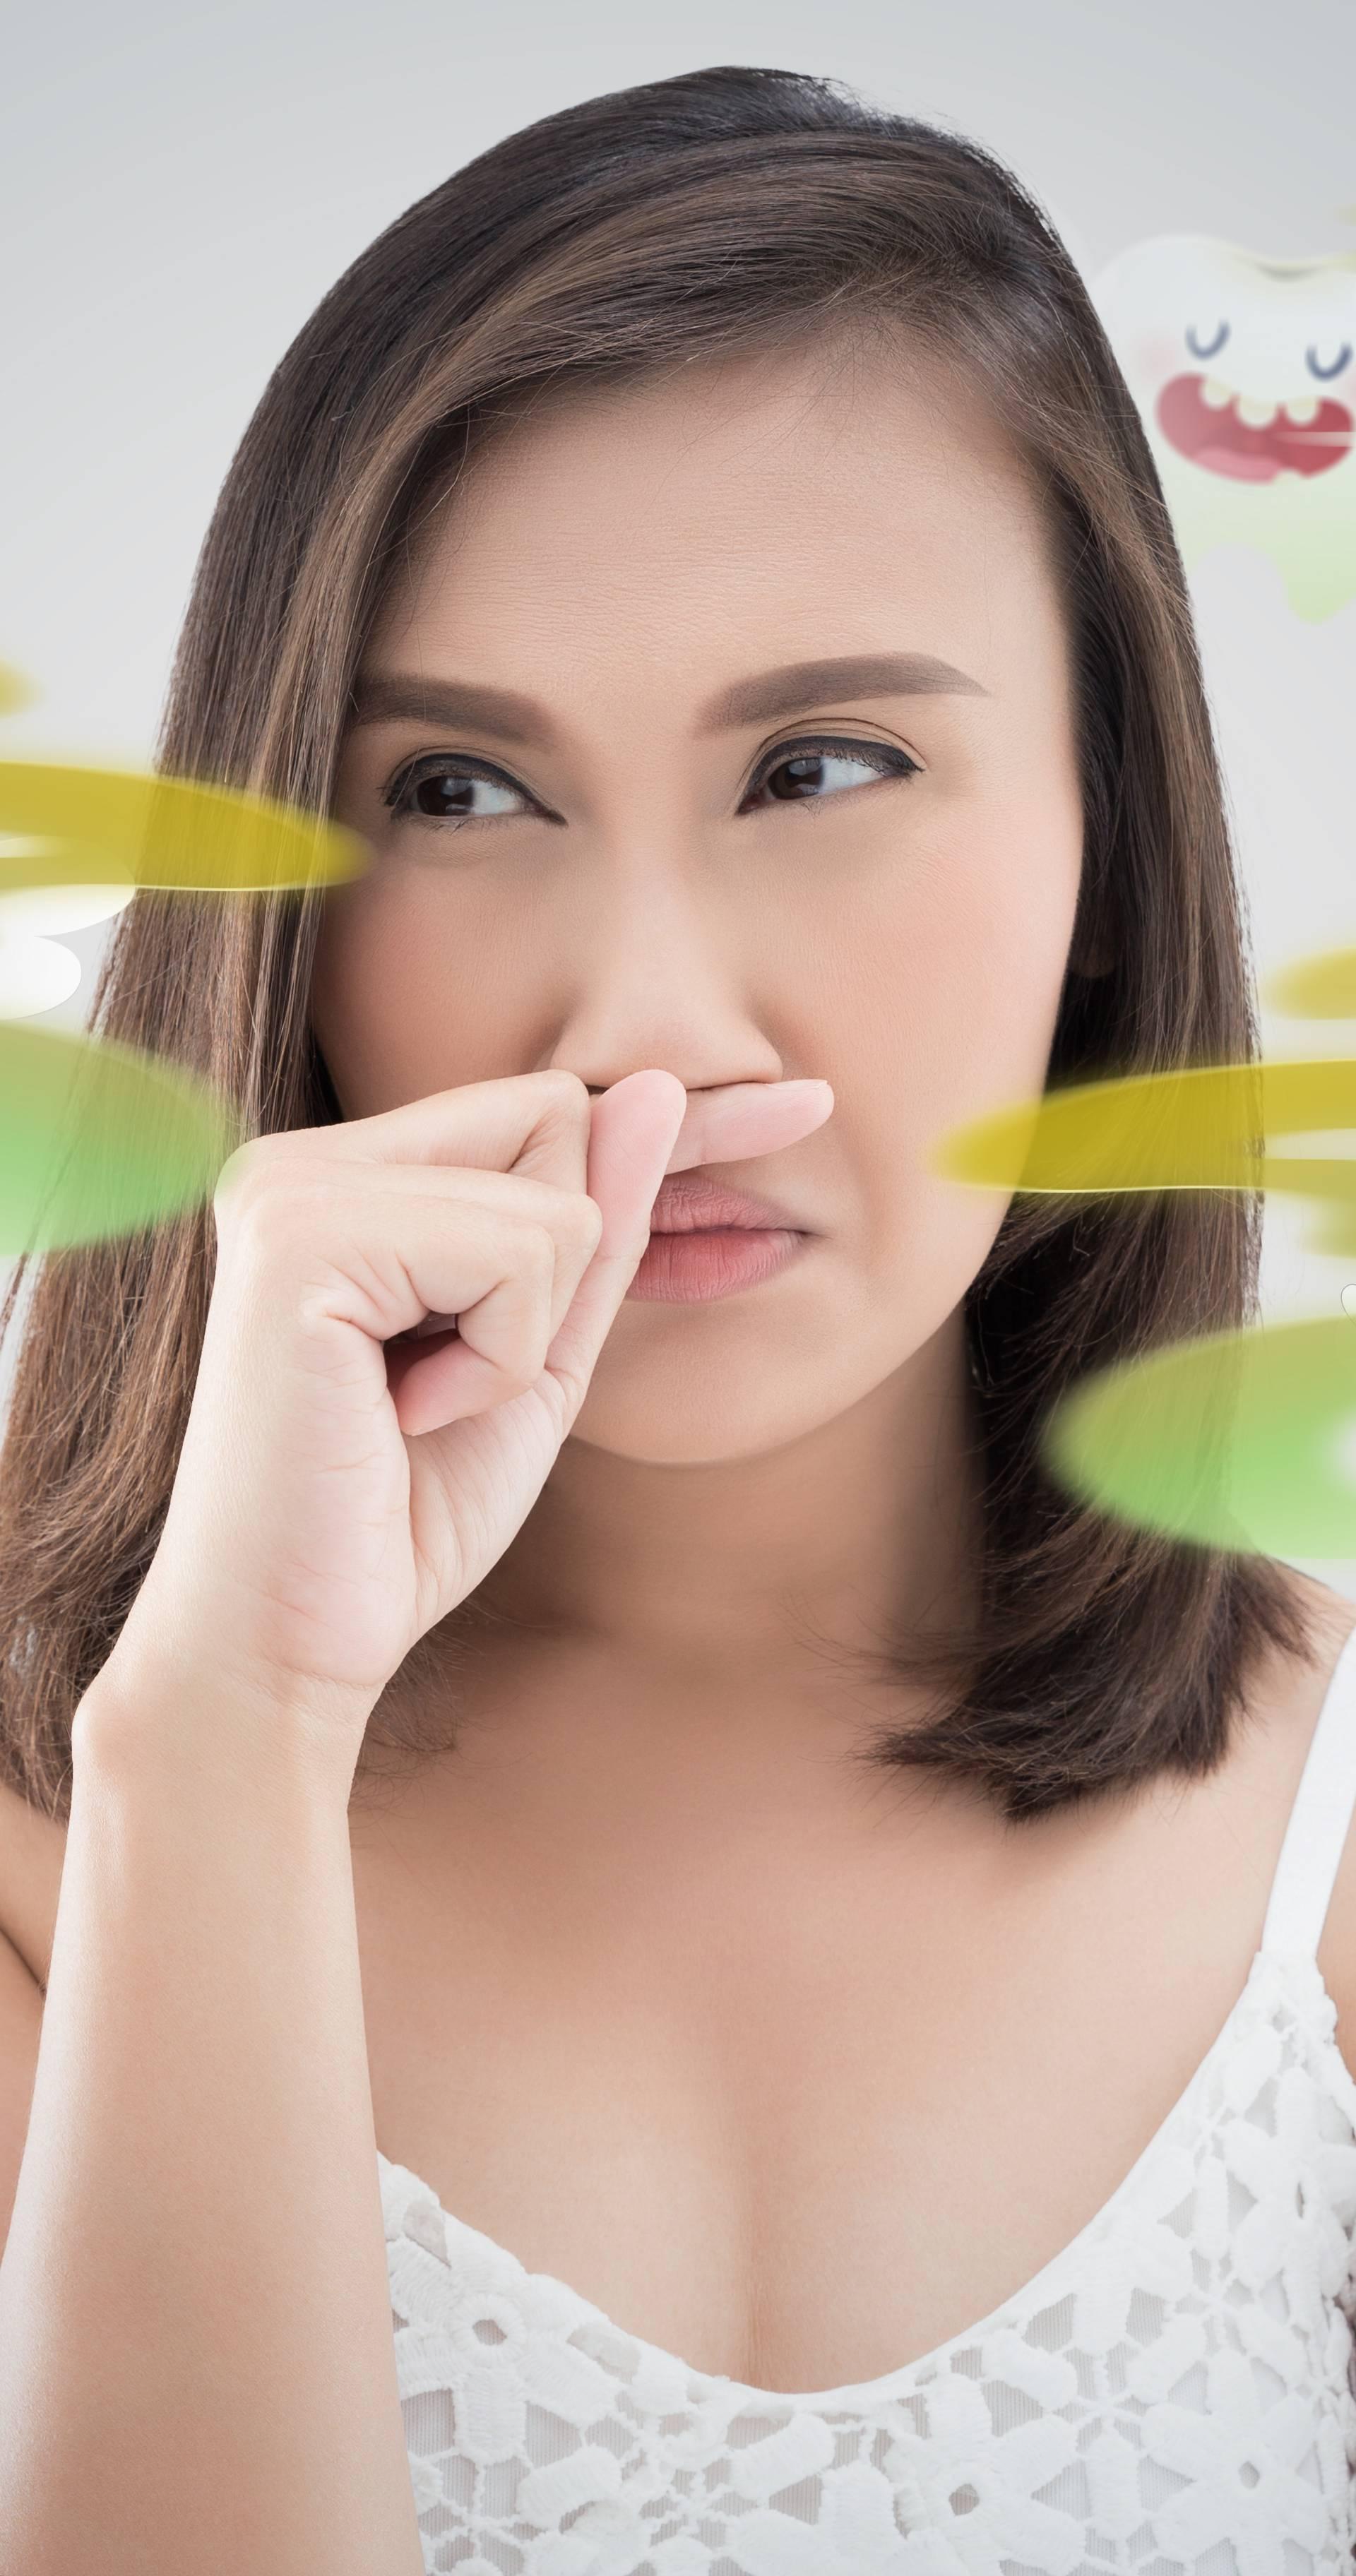 Muči vas loš zadah? Nakon obroka popijte jednu šalicu čaja